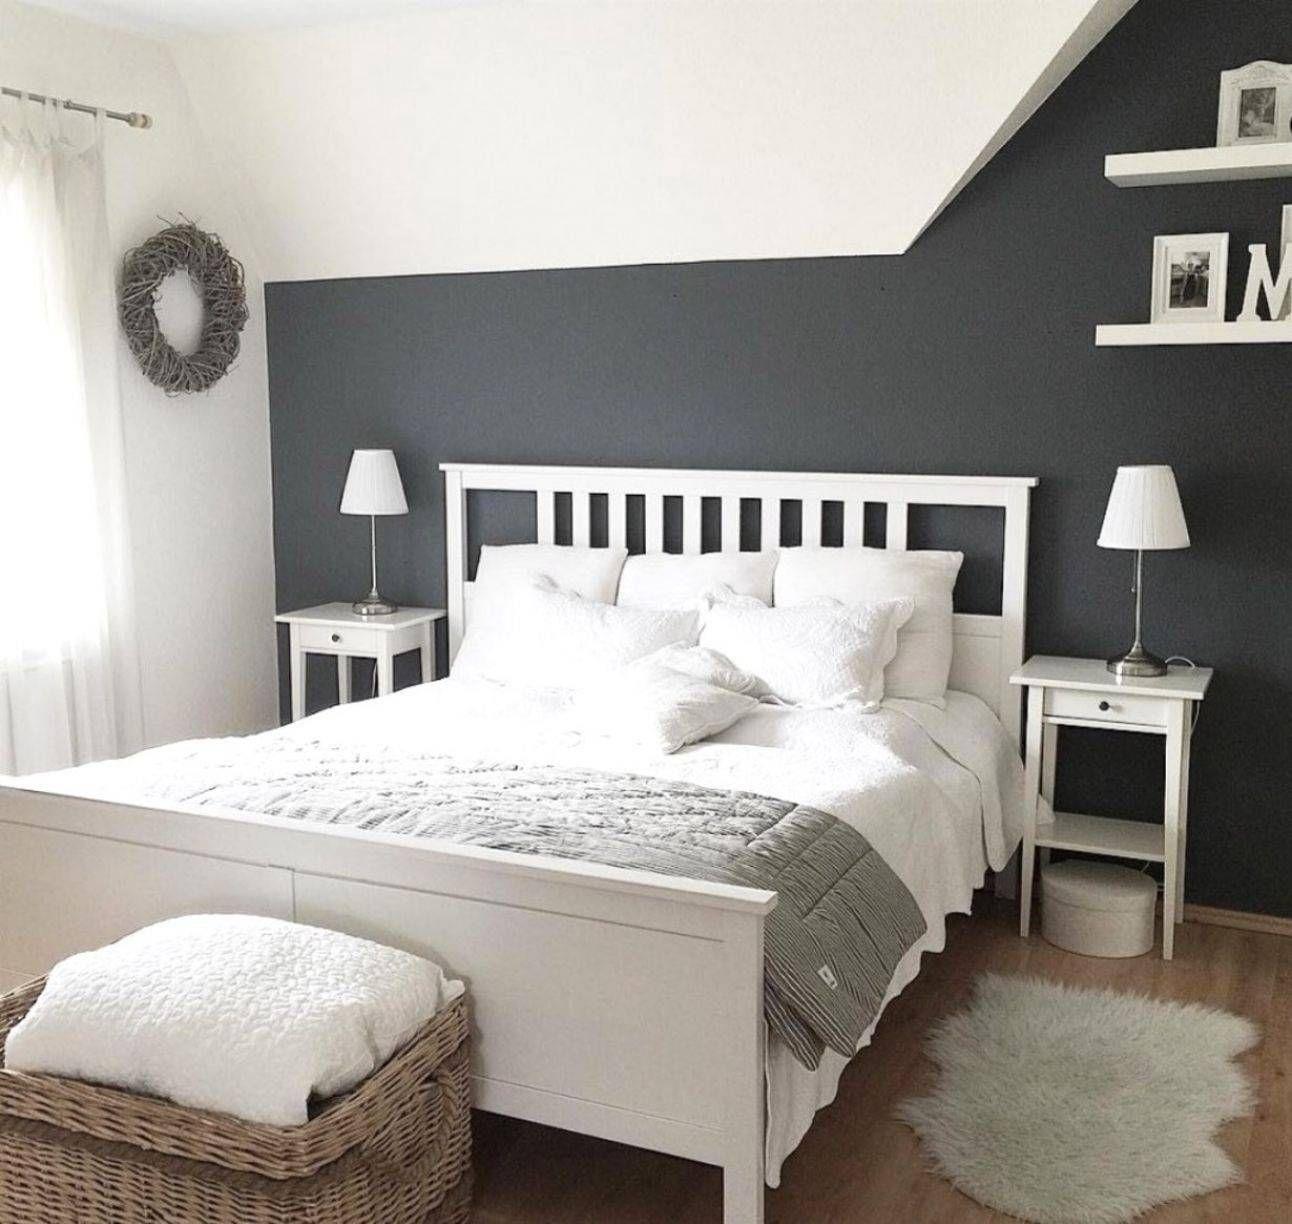 10 Wohnung Einrichten Ideen Schlafzimmer In 2020 Luxury Bedroom